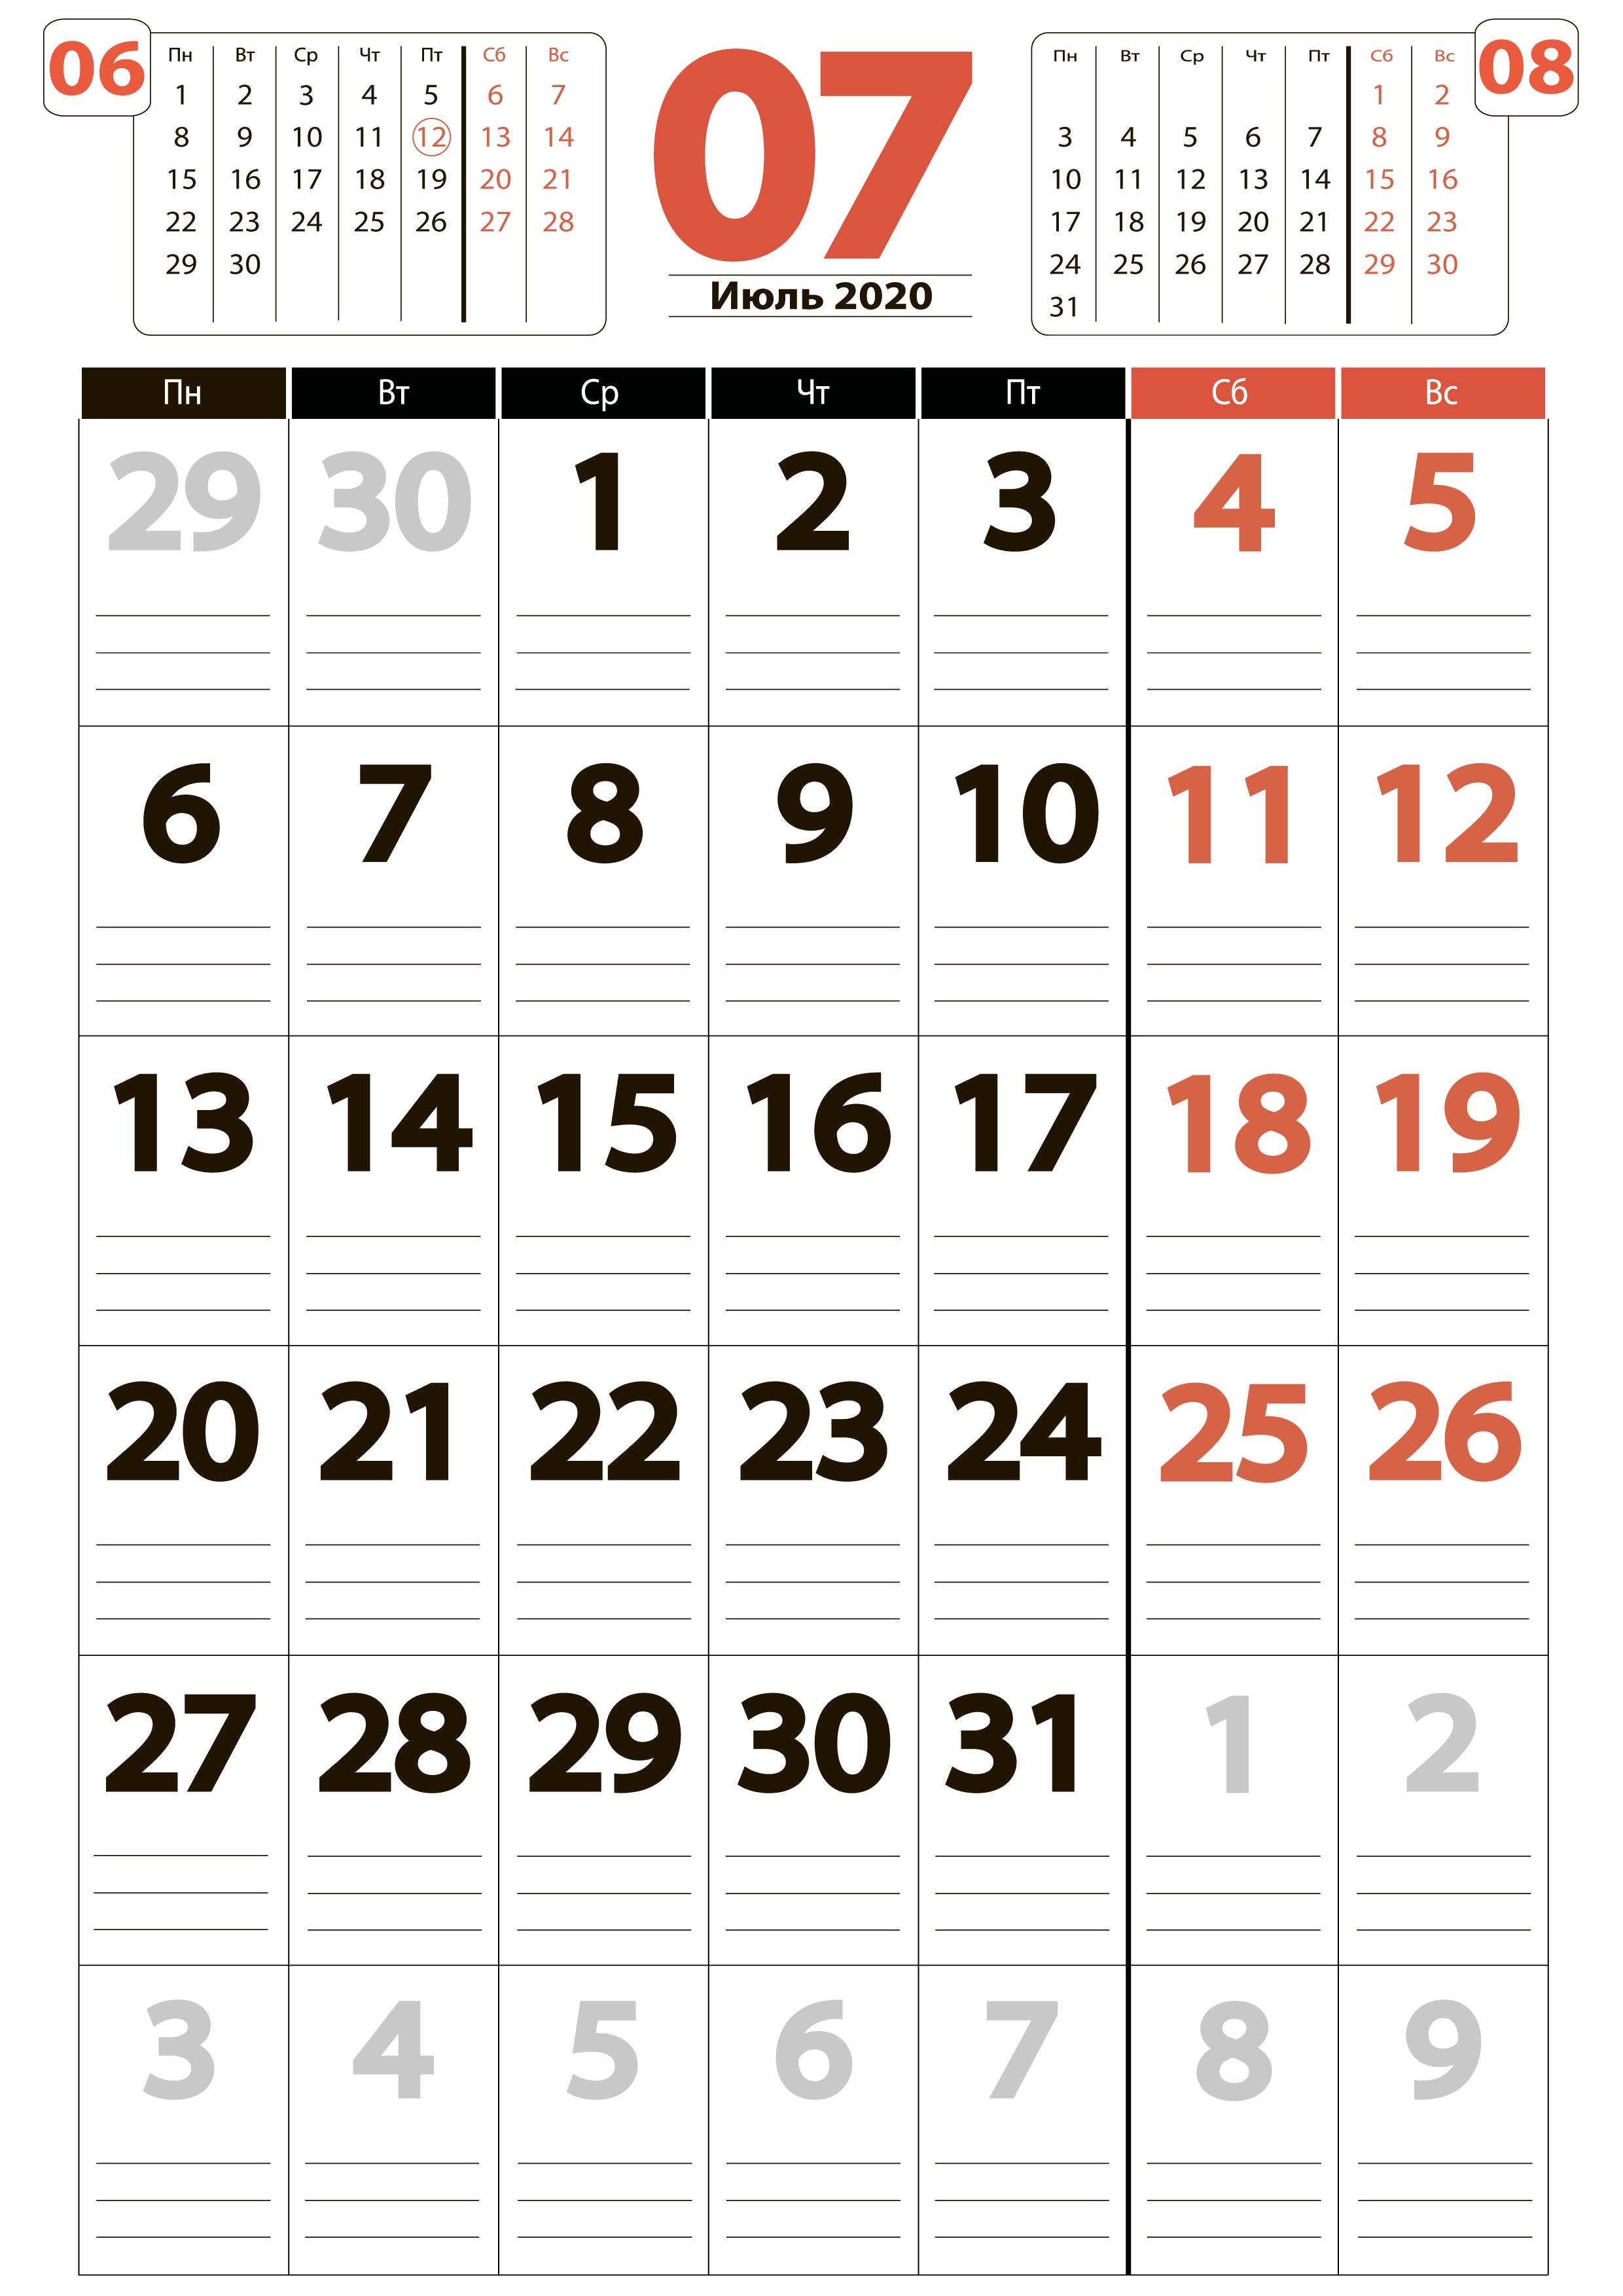 Июль 2020 - Крупный календарь на месяц